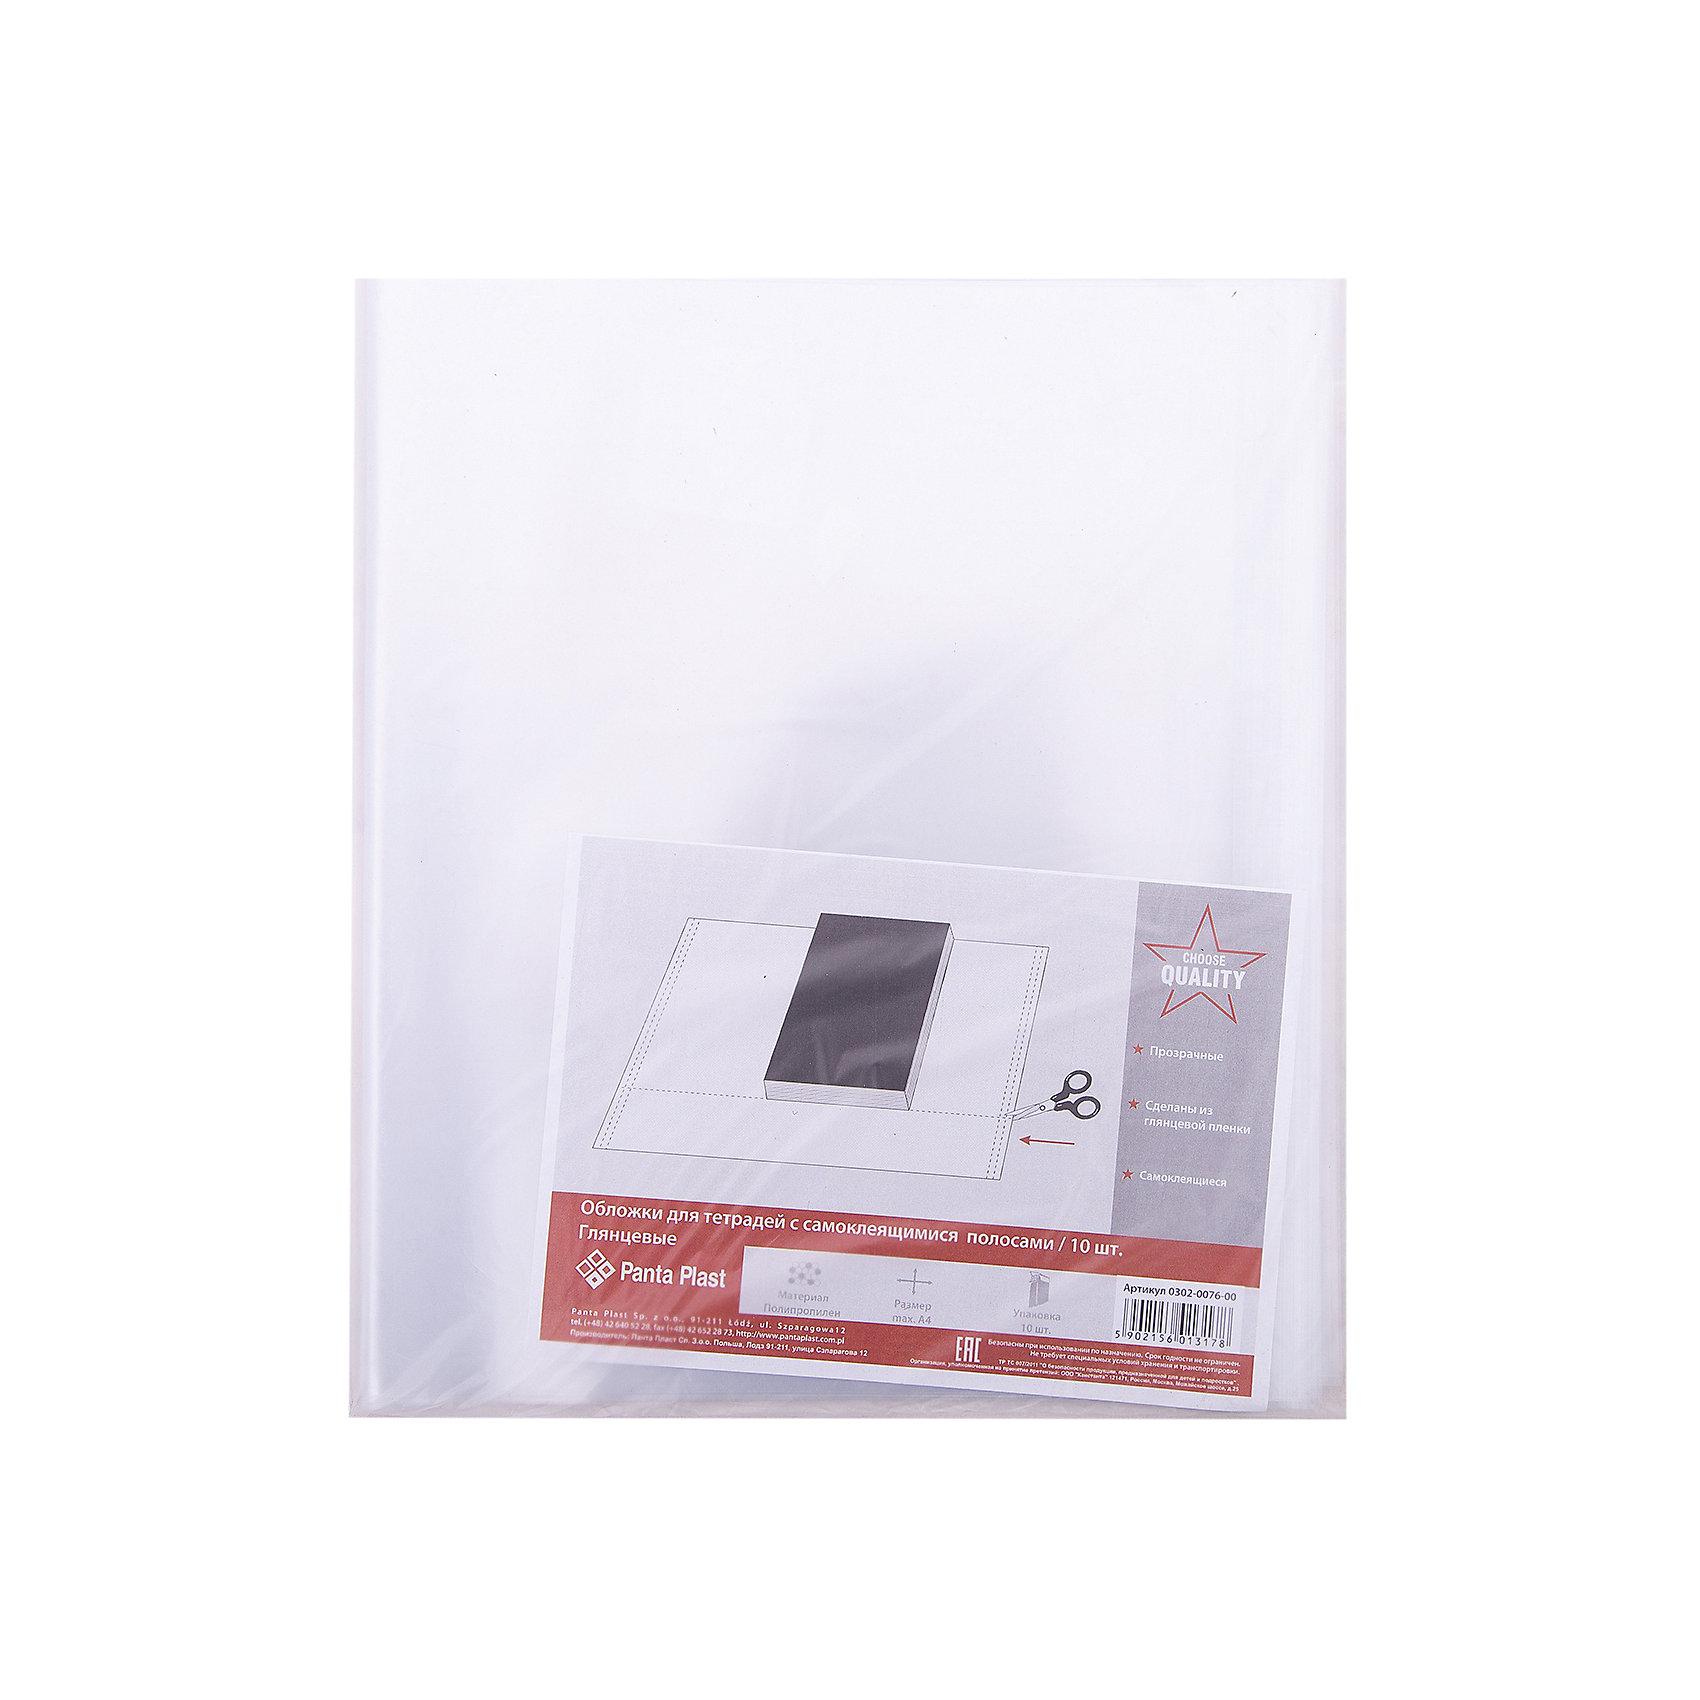 Panta Pkast Набор обложек с самоклеющимися полосами, 10 шт.Школьные аксессуары<br>Характеристики товара:<br><br>• в комплекте: 10 обложек;<br>• размер обложки: 21х29,7 см;<br>• поверхность обложек: глянцевая;<br>• материал: полипропилен;<br>• возраст: от 6 лет;<br>• размер упаковки: 31х55 см;<br>• вес: 110 грамм.<br><br>Обложки сохранят опрятный вид тетрадей и книг, а также защитят их от загрязнений и намокания. В комплект входят 10 обложек из полипропилена с глянцевой поверхностью. Обложки дополнены самоклеящимися полосами.<br><br>Panta Plast (Панта Пласт) Набор обложек с самоклеящимися полосами, 10 шт. можно купить в нашем интернет-магазине.<br><br>Ширина мм: 550<br>Глубина мм: 310<br>Высота мм: 10<br>Вес г: 110<br>Возраст от месяцев: 84<br>Возраст до месяцев: 156<br>Пол: Унисекс<br>Возраст: Детский<br>SKU: 6858978